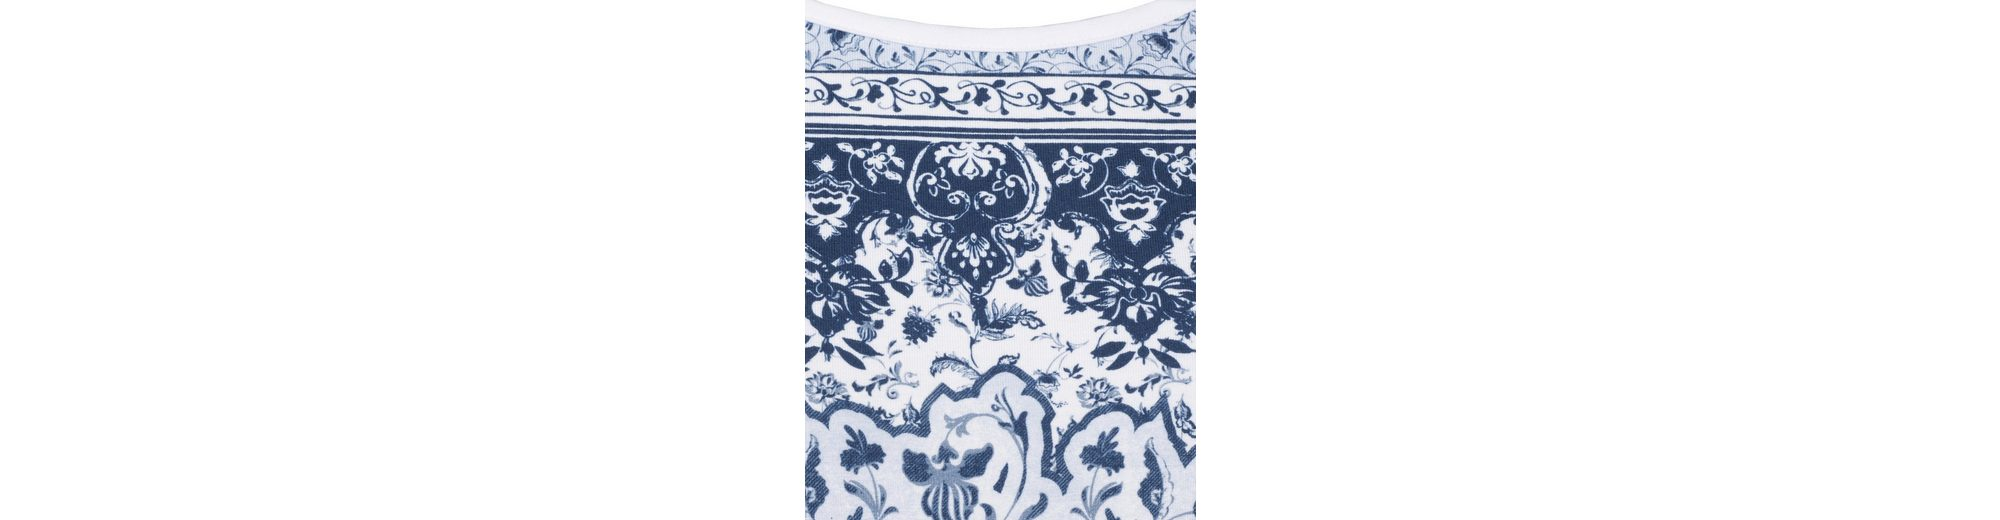 Auslass Viele Arten Von Bester Großhandel Günstig Online Mona Druckshirt Nicekicks Zum Verkauf gtIUJ